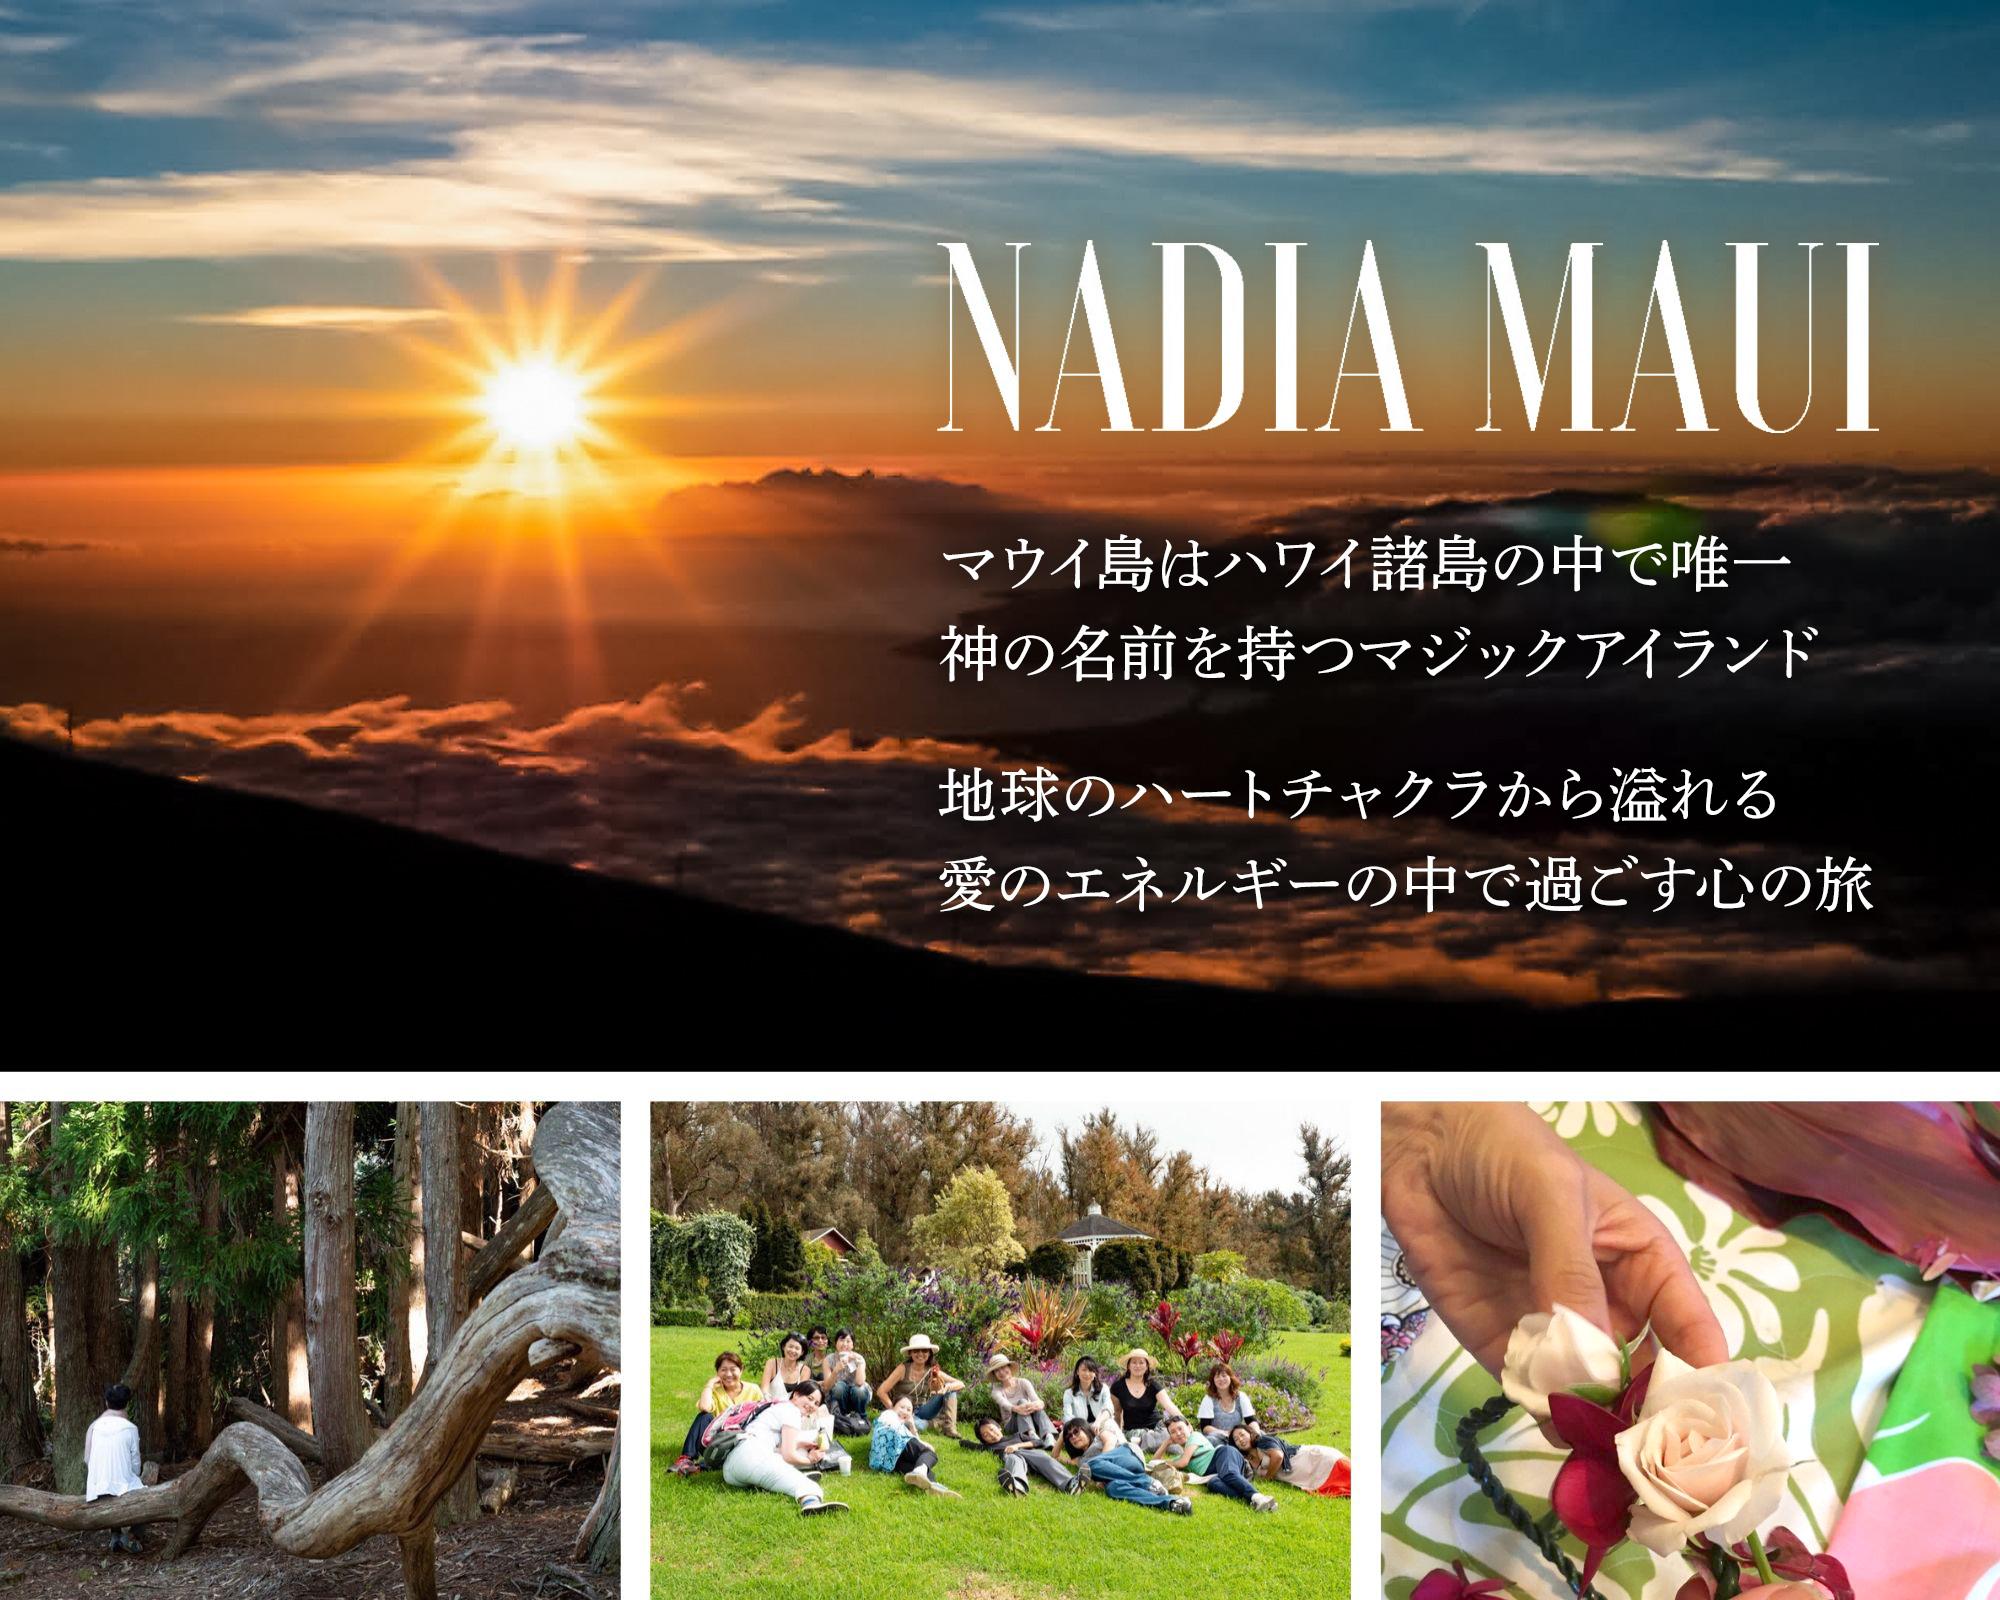 ハワイ ナディア村